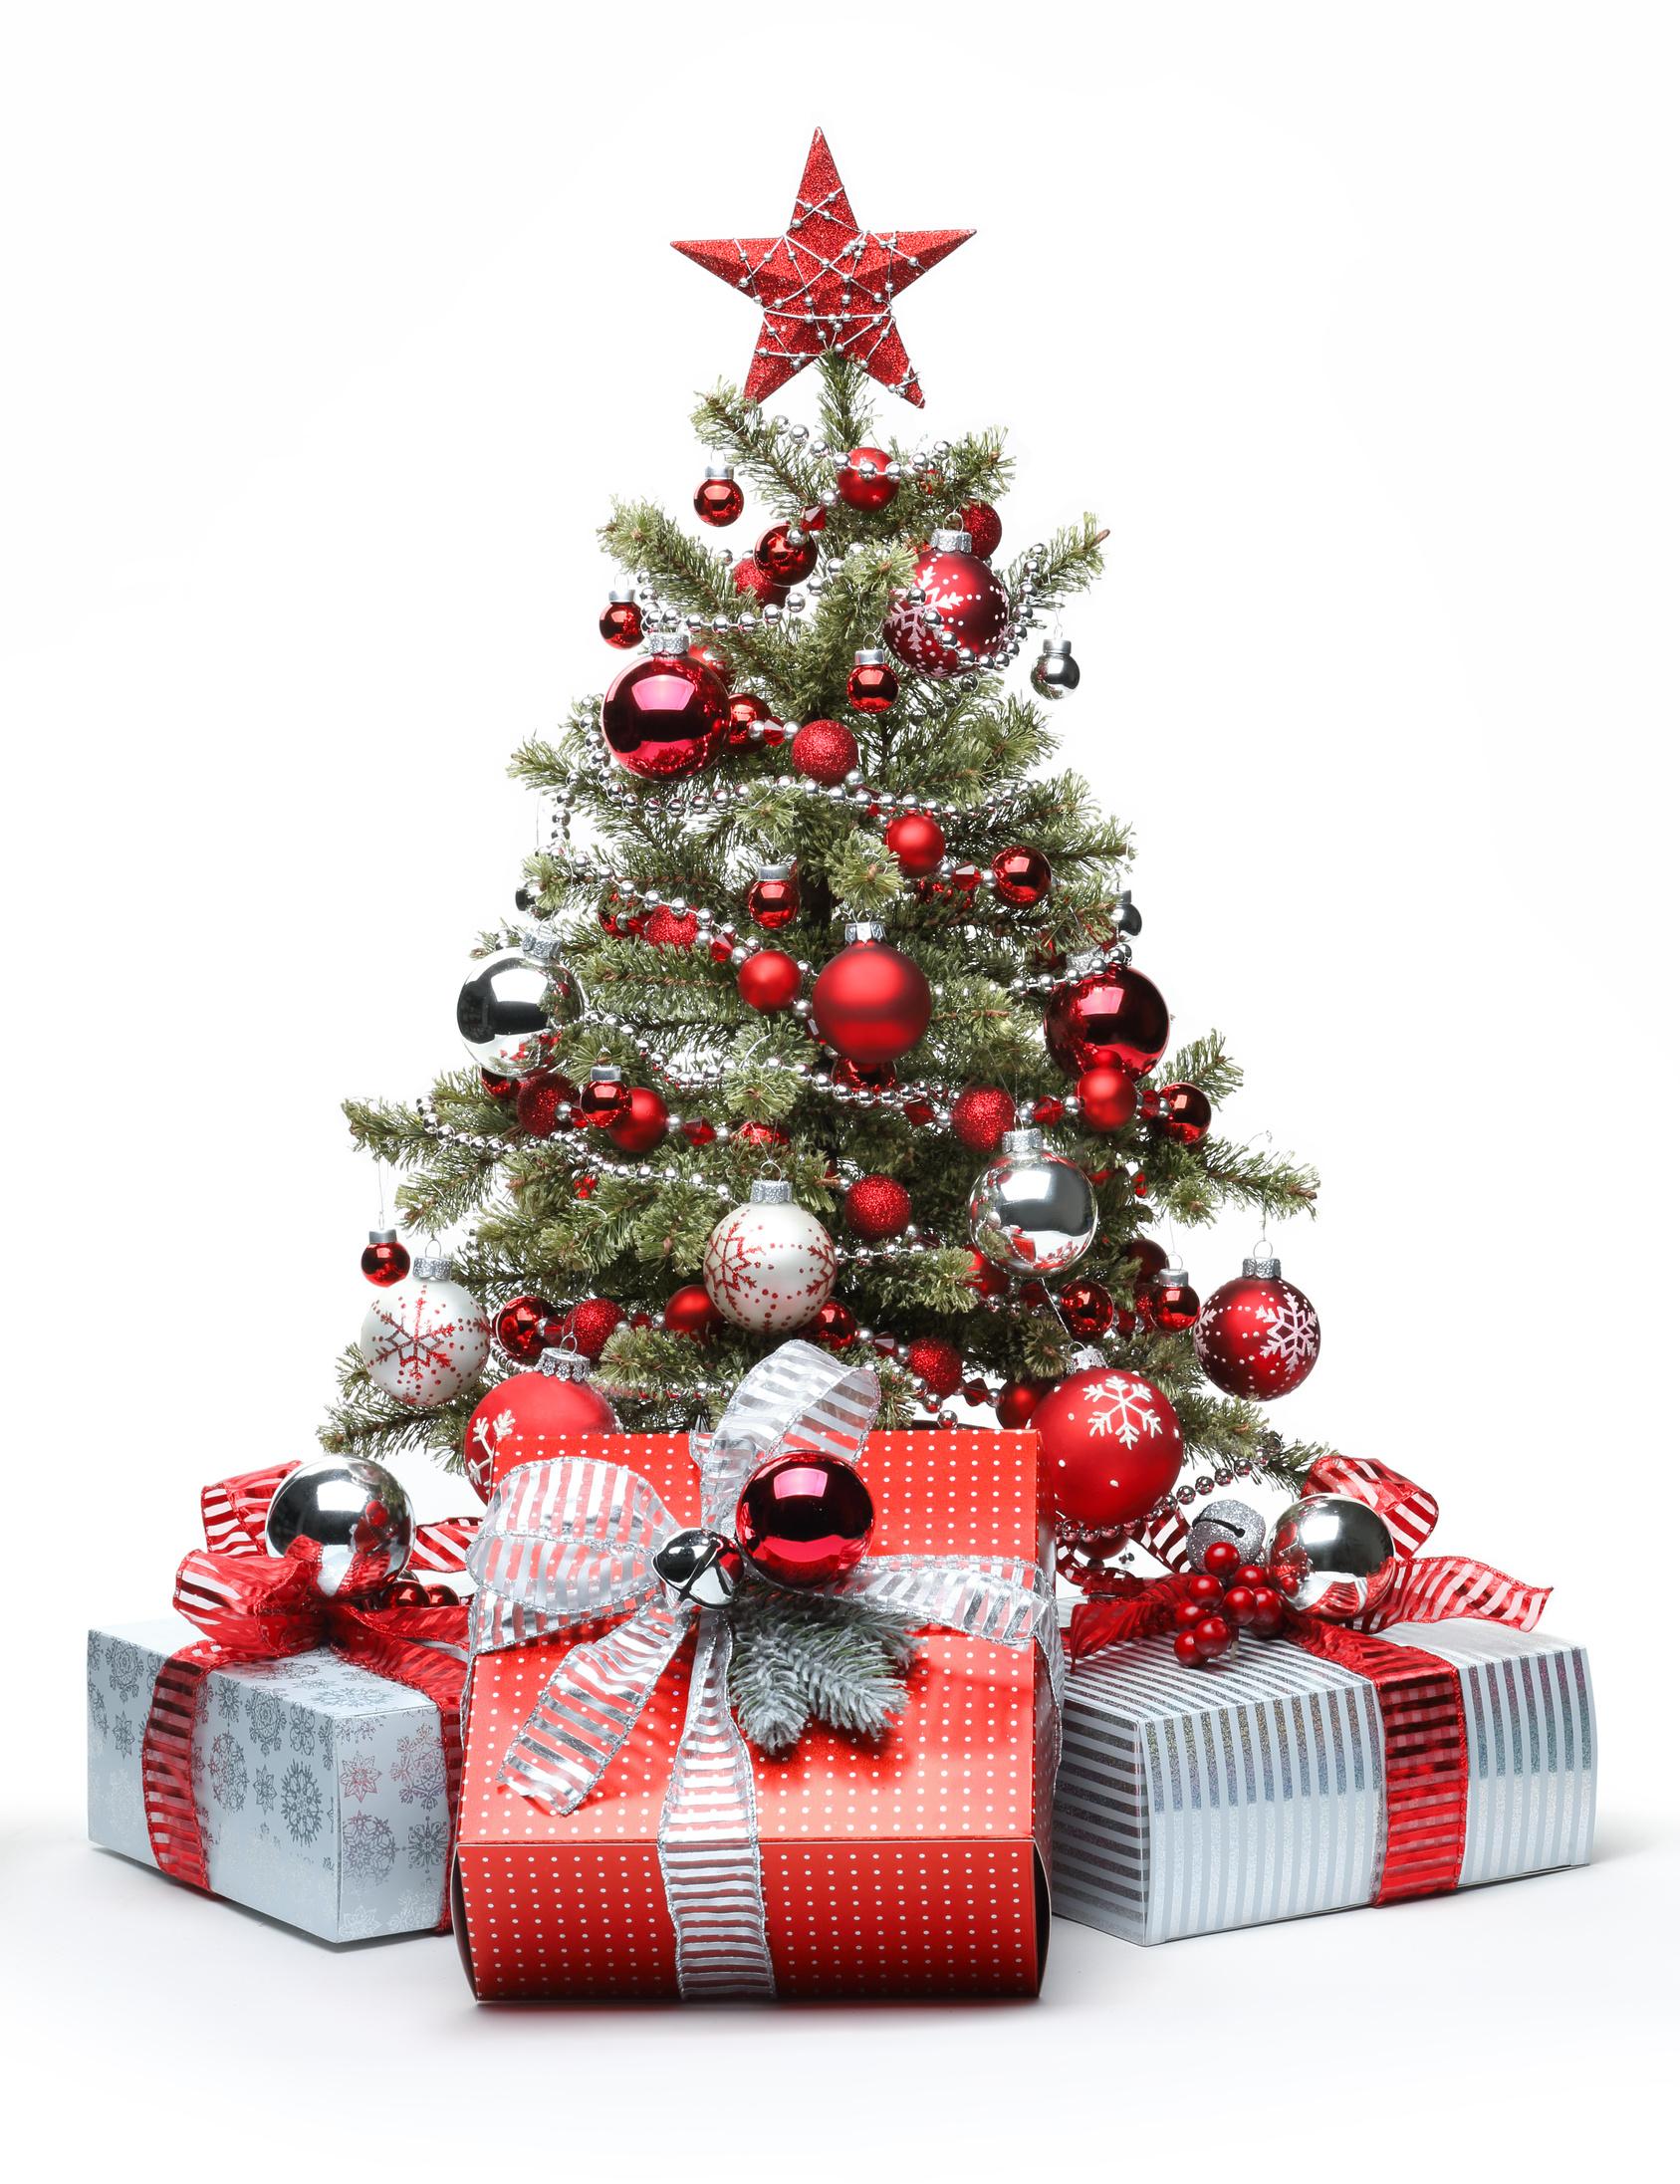 聖誕樹及禮物。(Fotolia)